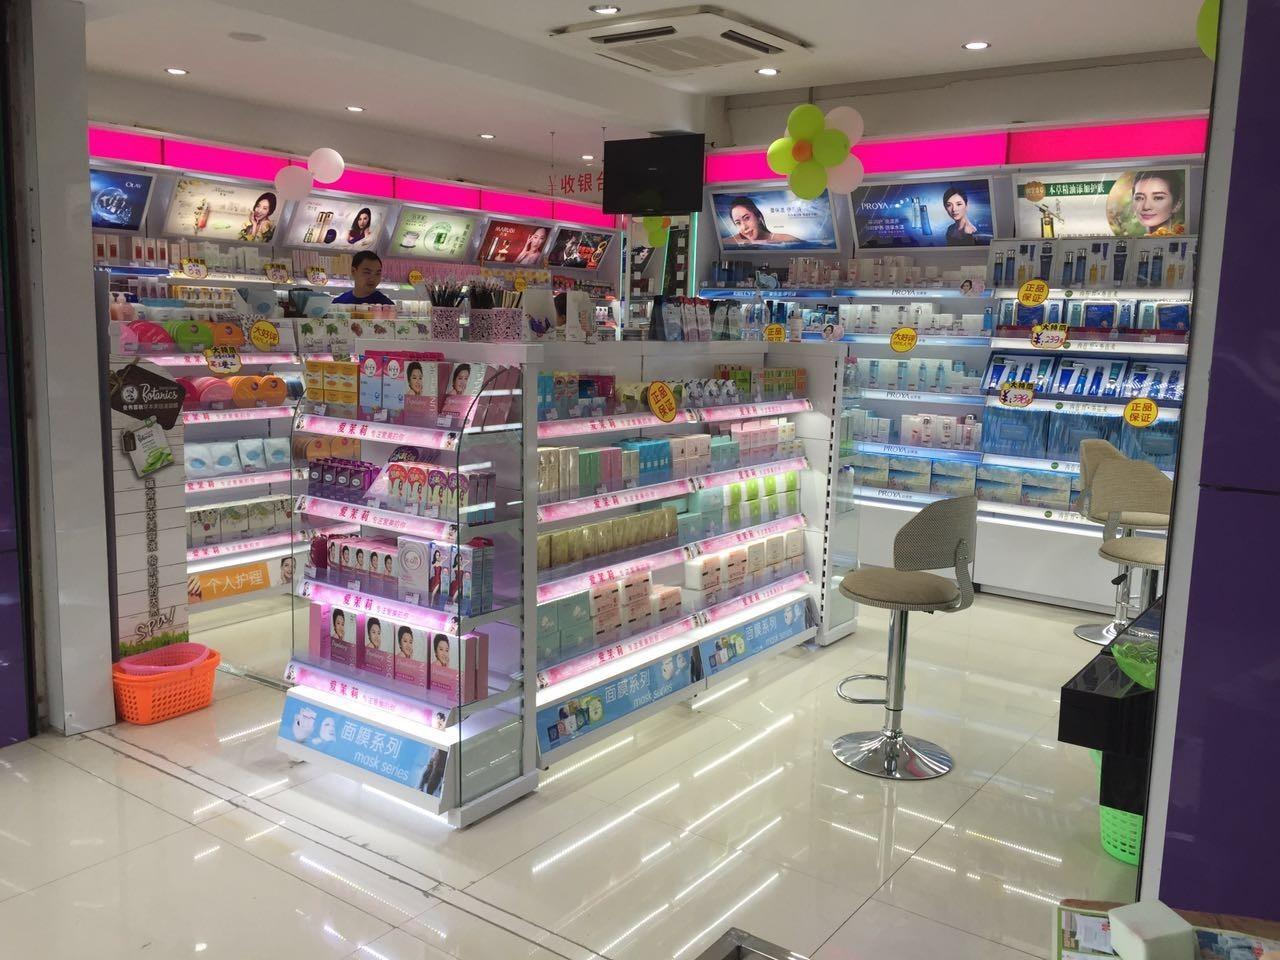 化妆品展示柜在商场陈列的位置要求